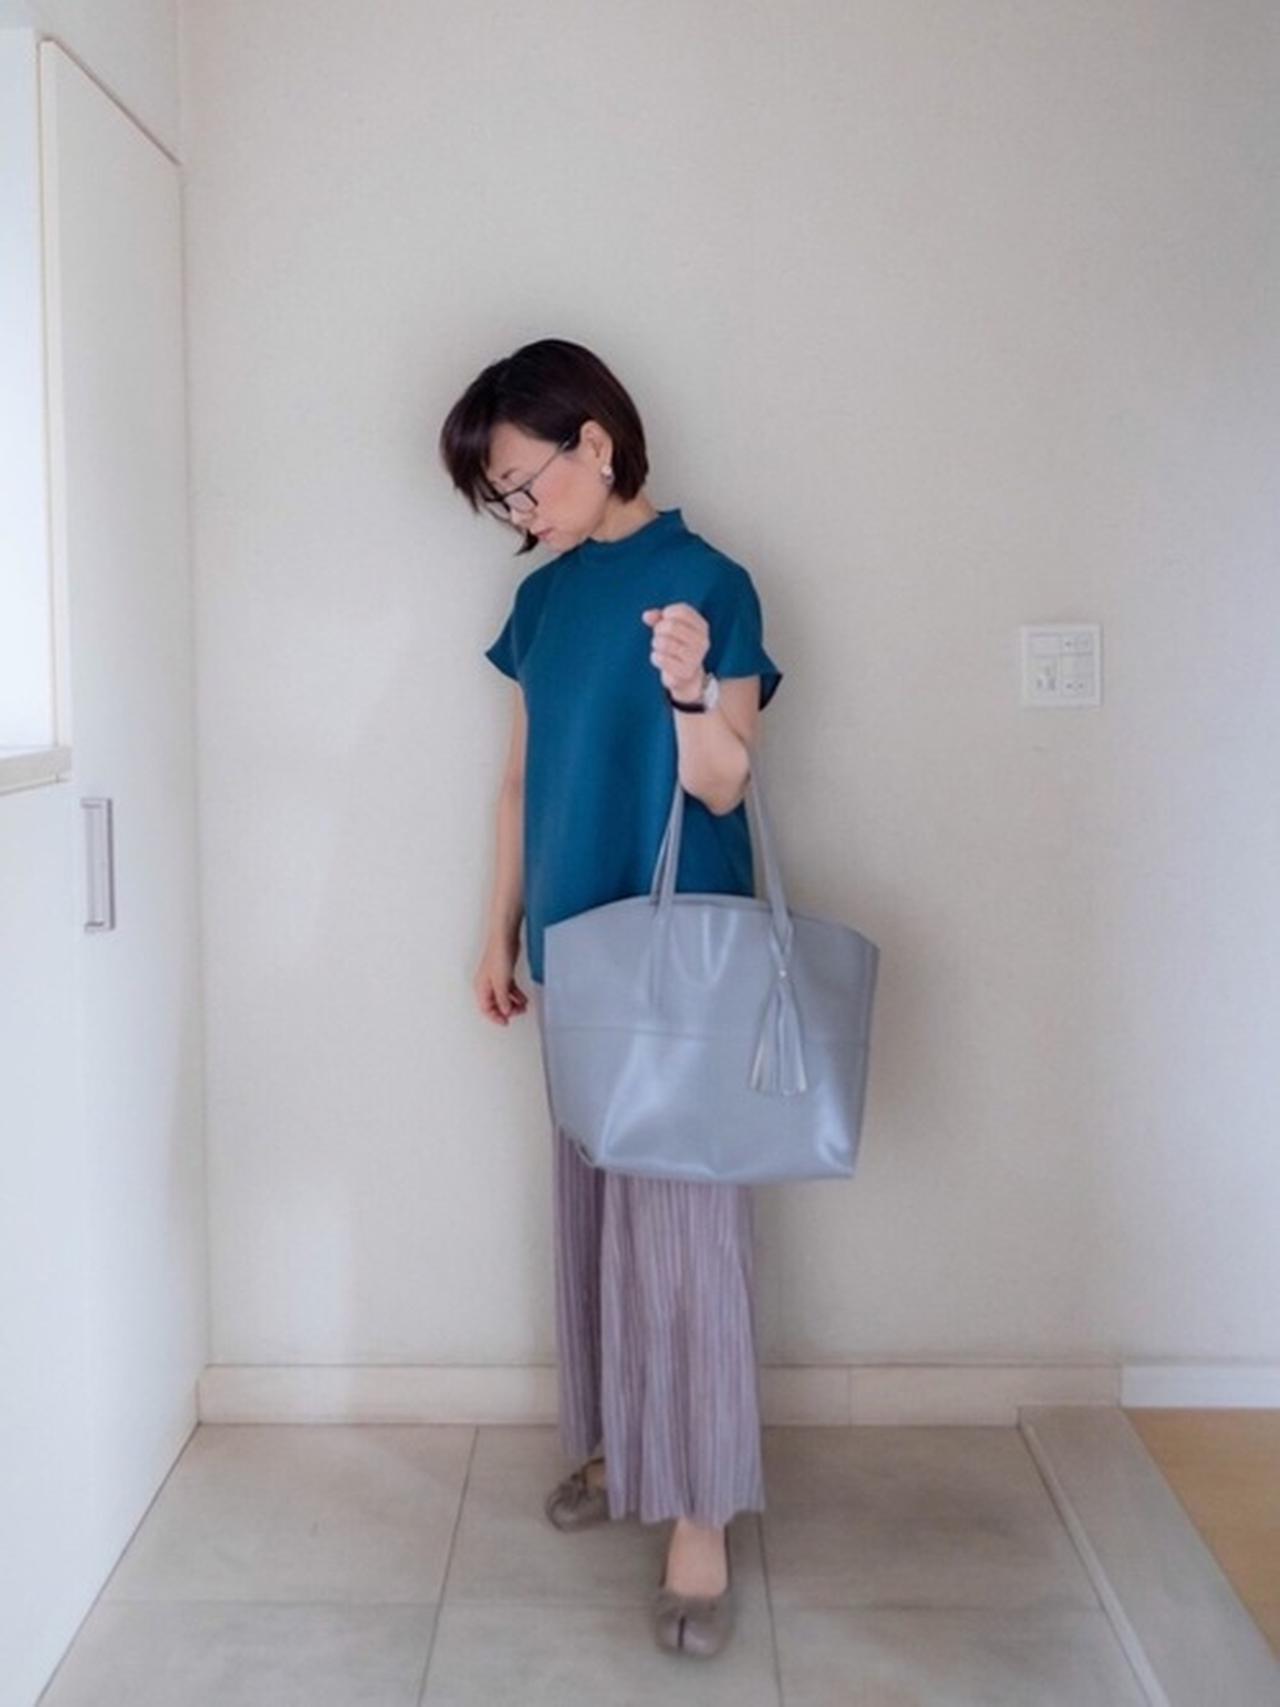 画像: 【SESTO】足袋パンプス/タビバレエ3,598円(税込・セール価格)